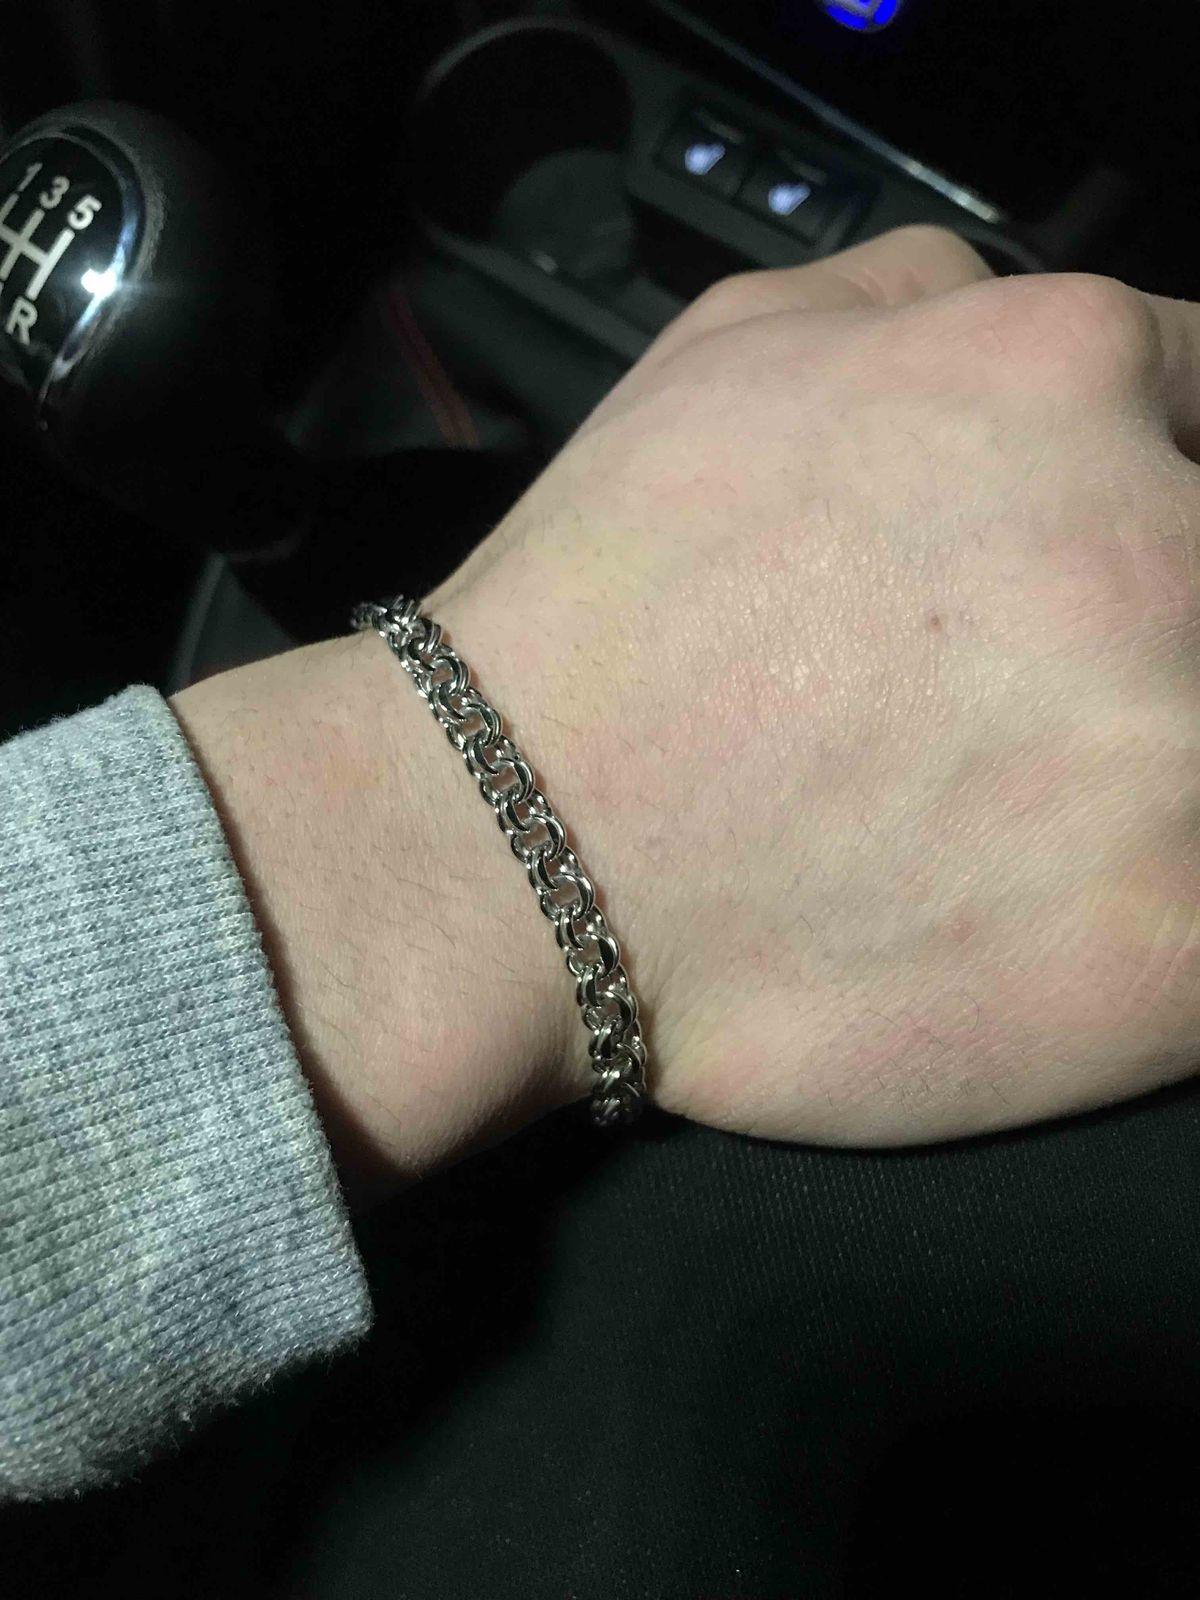 Очень красивый браслет,покупала парню на др,ему очень сильно понравился